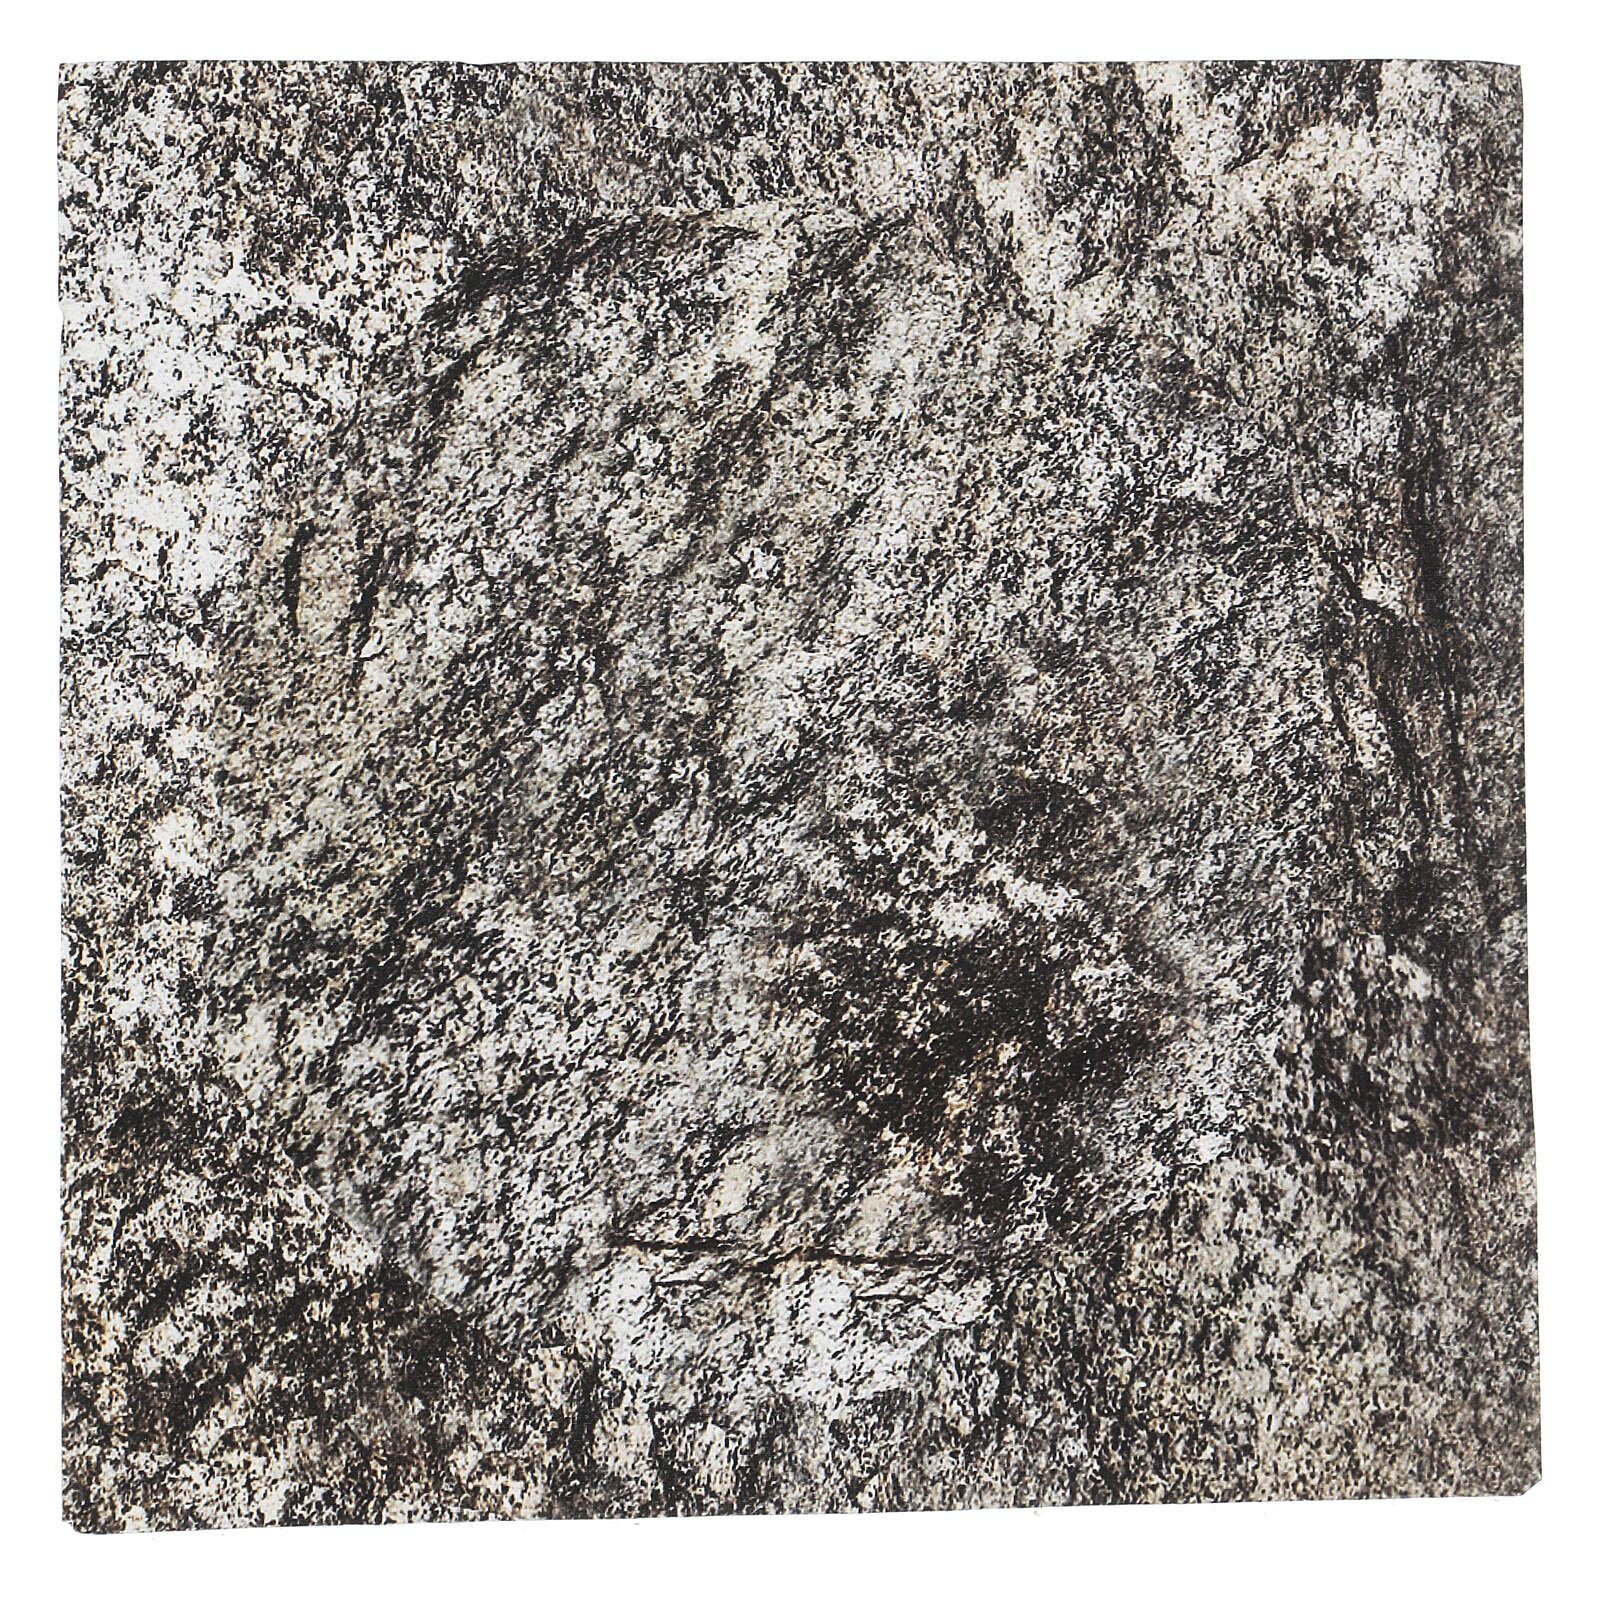 Papier do modelowania skała 30x30 cm, do szopek 4